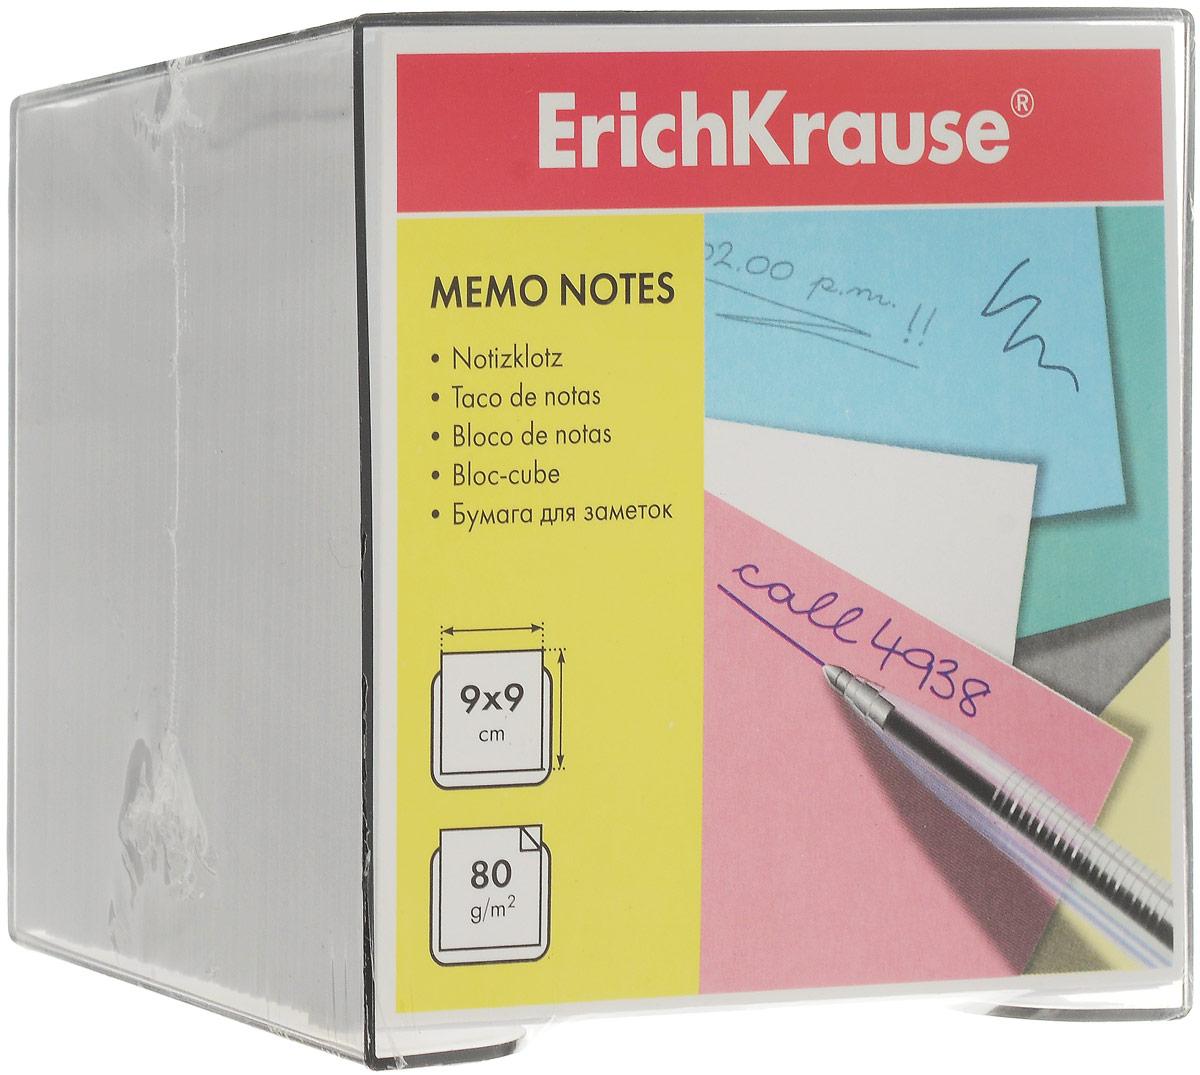 Бумага для заметок Erich Krause, в боксе, цвет: белый, 9 см х 9 см х 9 см4458Бумага для заметок Erich Krause в боксе - незаменимая вещь, которая помогает организовать пространство на вашем рабочем столе. Лаконичный дизайн и удобство в использовании сделают бумагу для заметок вашим надежным помощником.Для удобства хранения бумаги предусмотрен прозрачный пластиковый бокс, благодаря которому листы не растеряются и сохранят аккуратный вид на всем протяжении использования.Блок содержит бумагу белого цвета. Характеристики:Материал: бумага, пластик. Размер листа: 9 см x 9 см. Размер блока: 9 см x 9 см x 9 см. Размер бокса: 9,5 см x 9,5 см x 8,5 см.